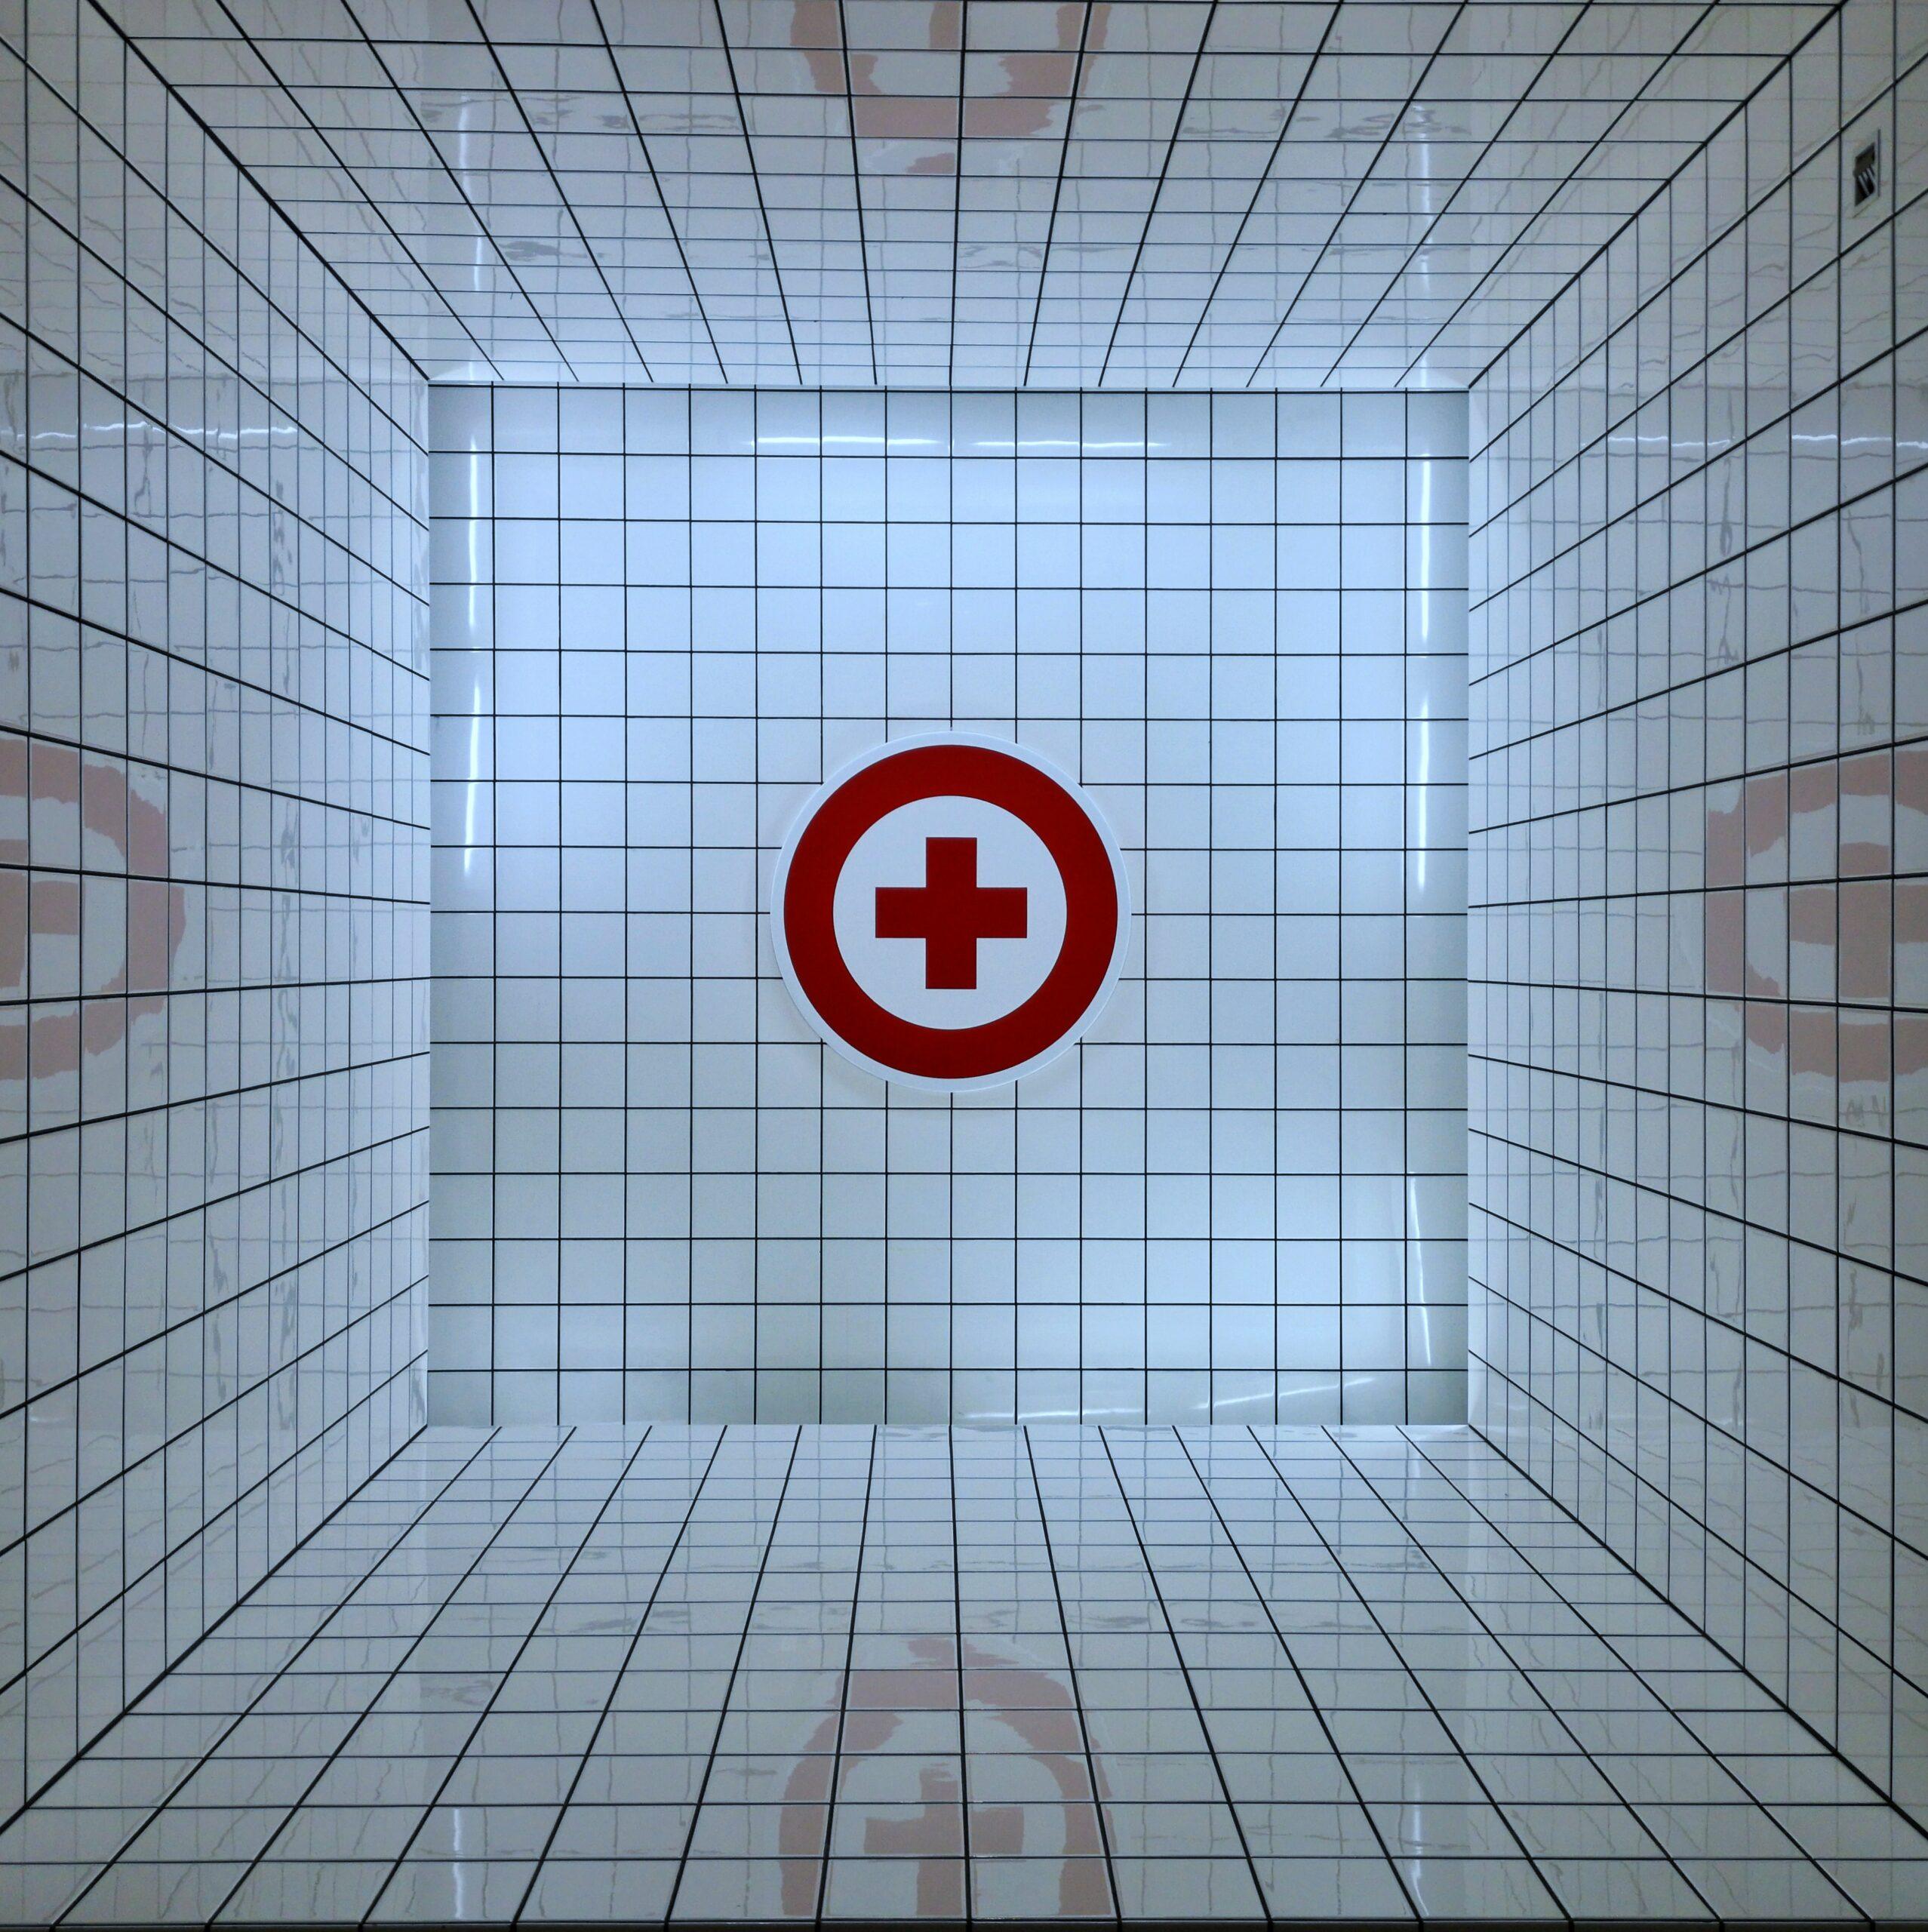 Medical symbol in a grid